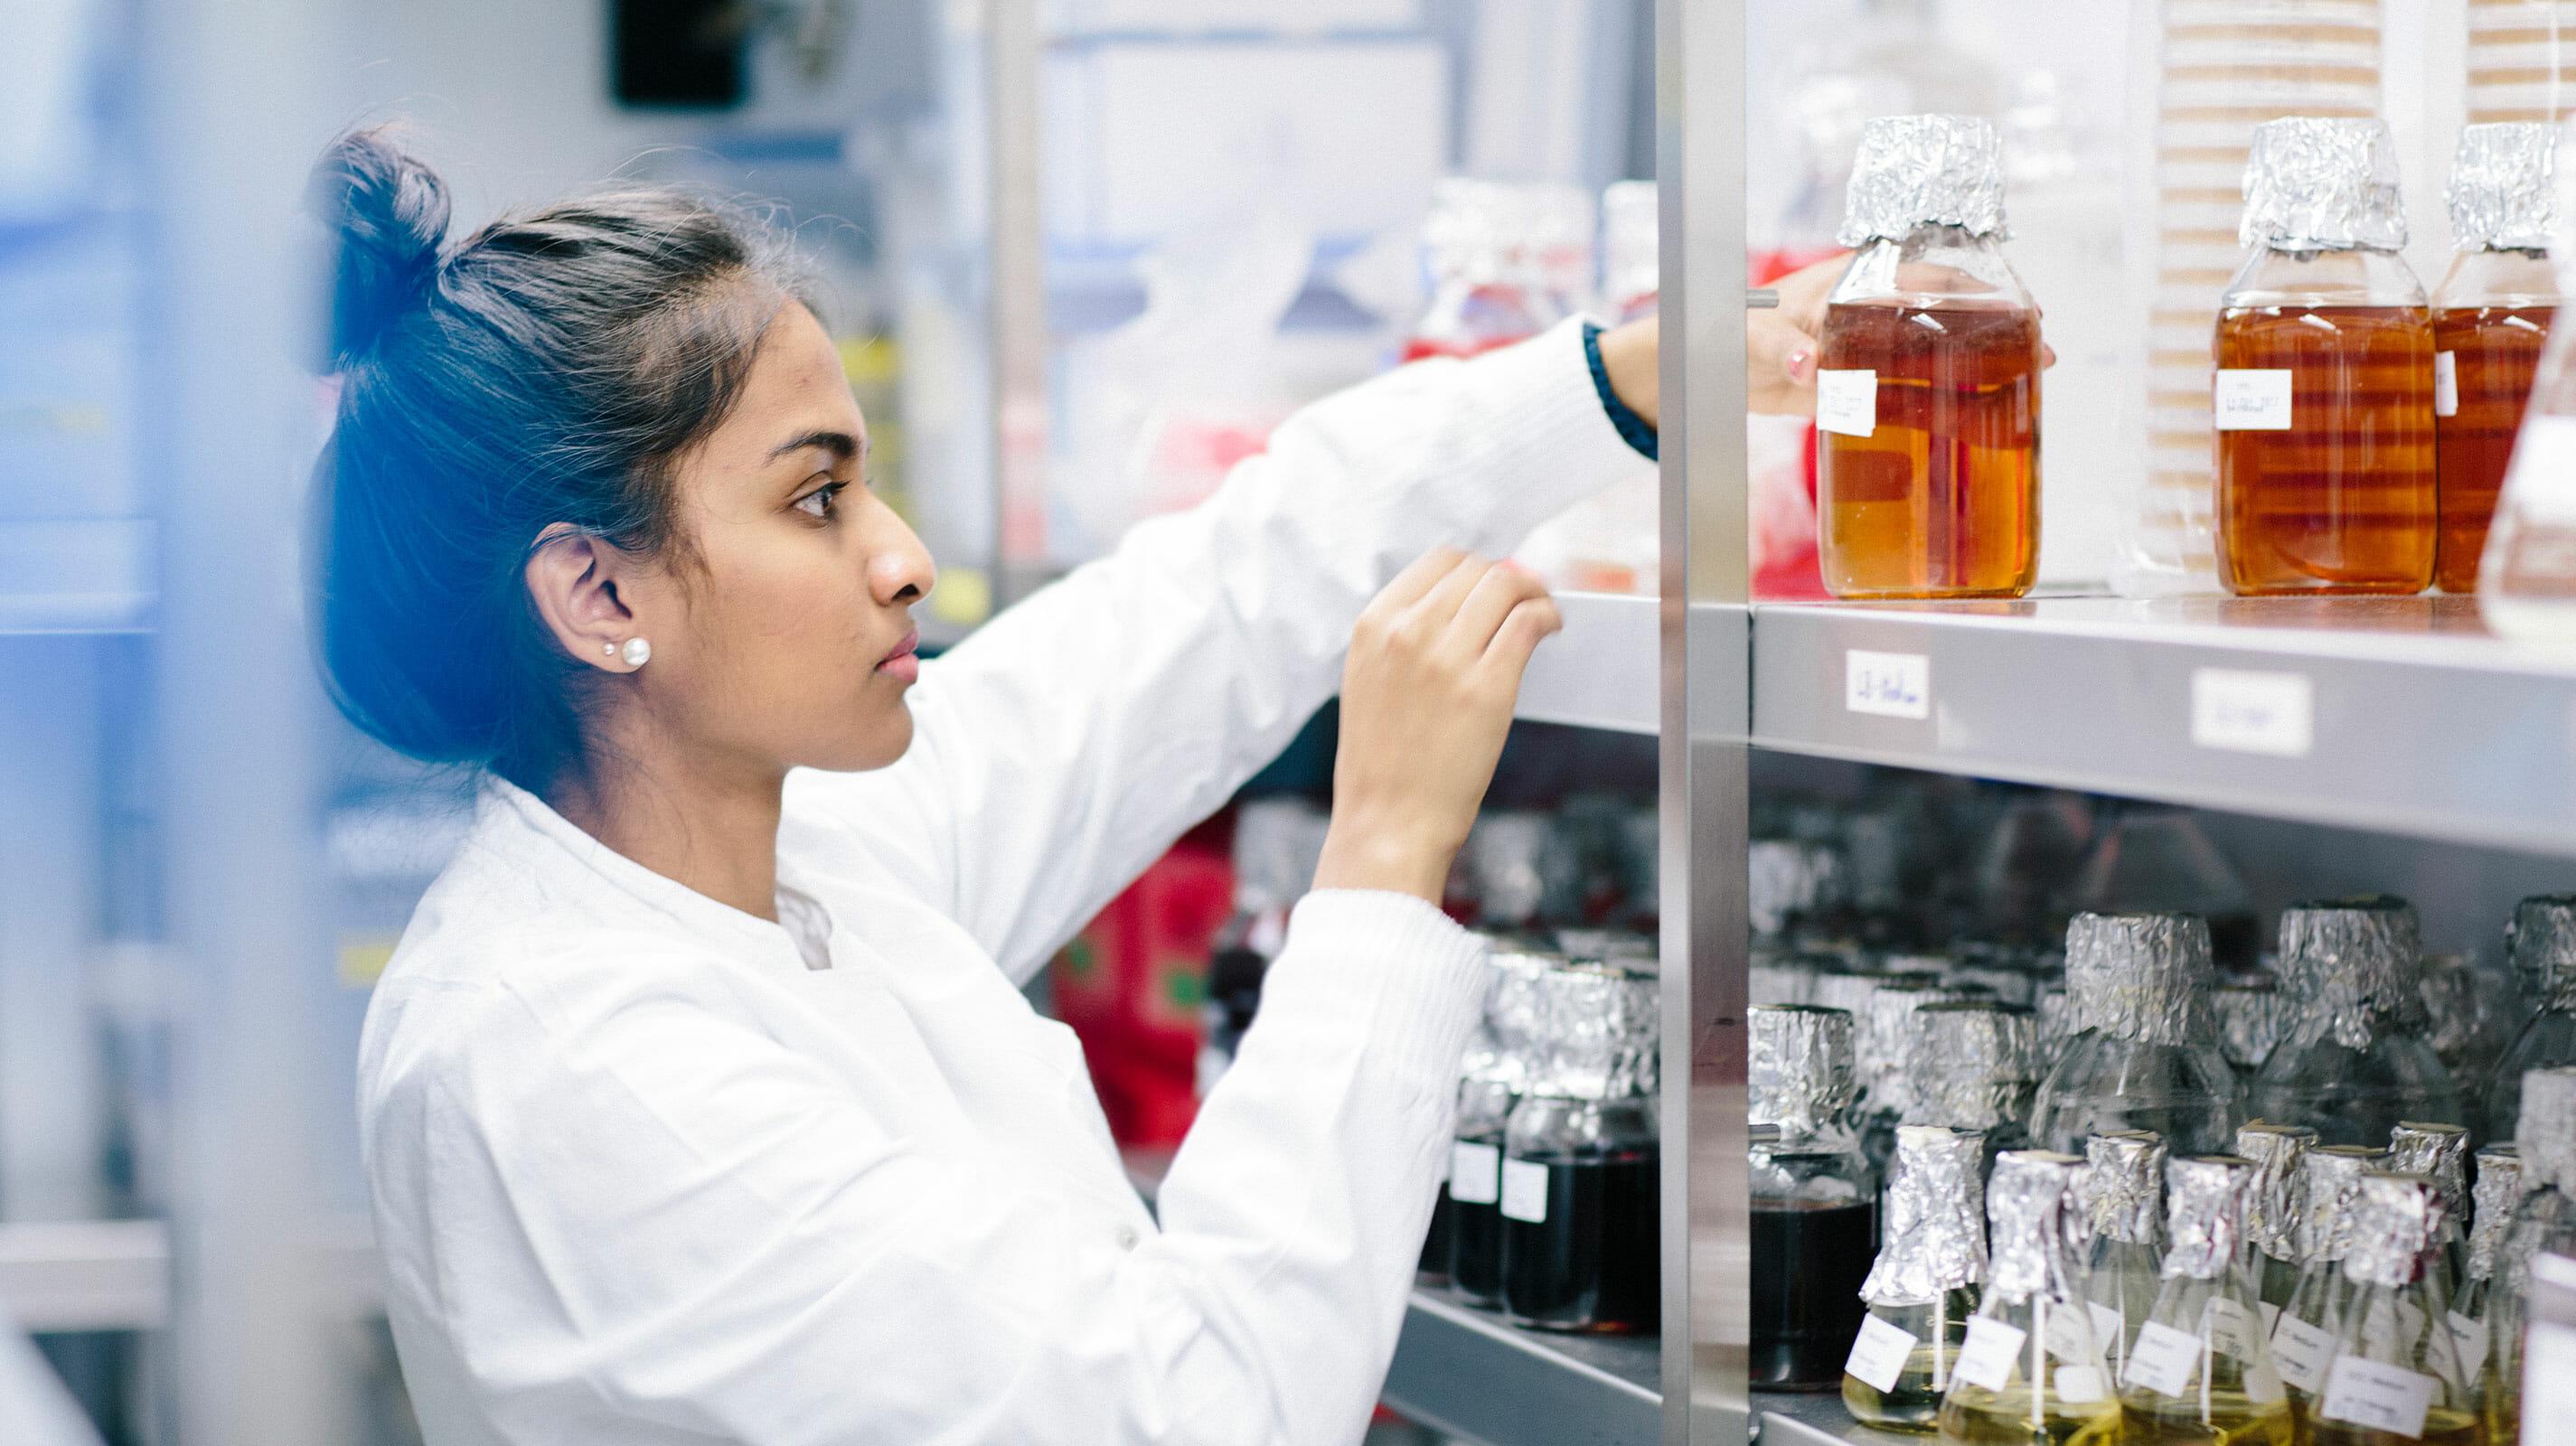 Scientist moving liquid-filled beakers